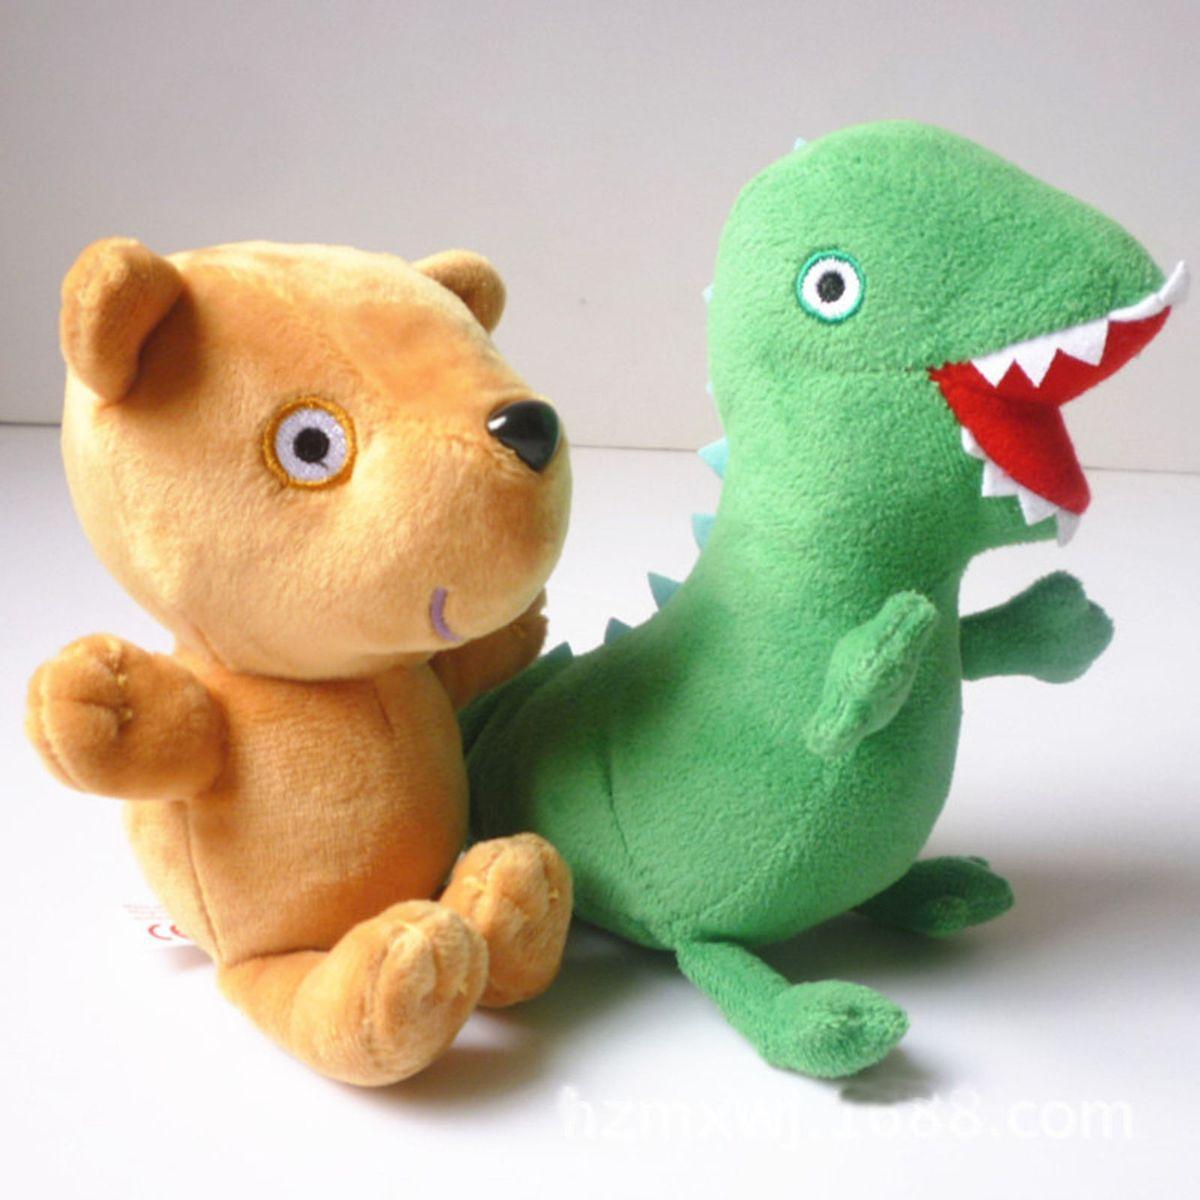 kit com dinossauro do george pig e ursinho teddy da peppa pig - pelúcia ty